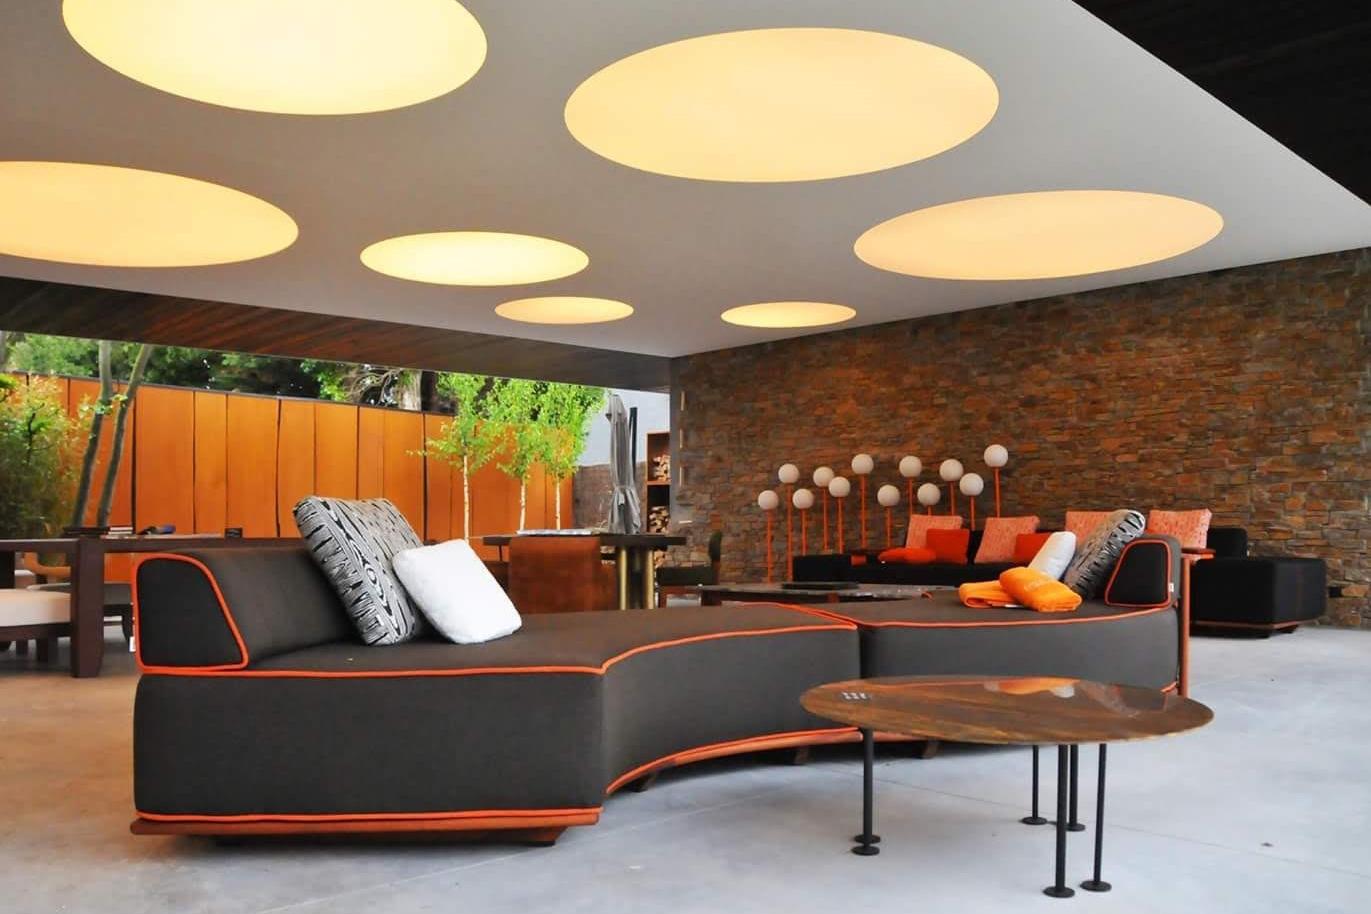 Spanplafond met verlichting | Verlichte spanplafonds